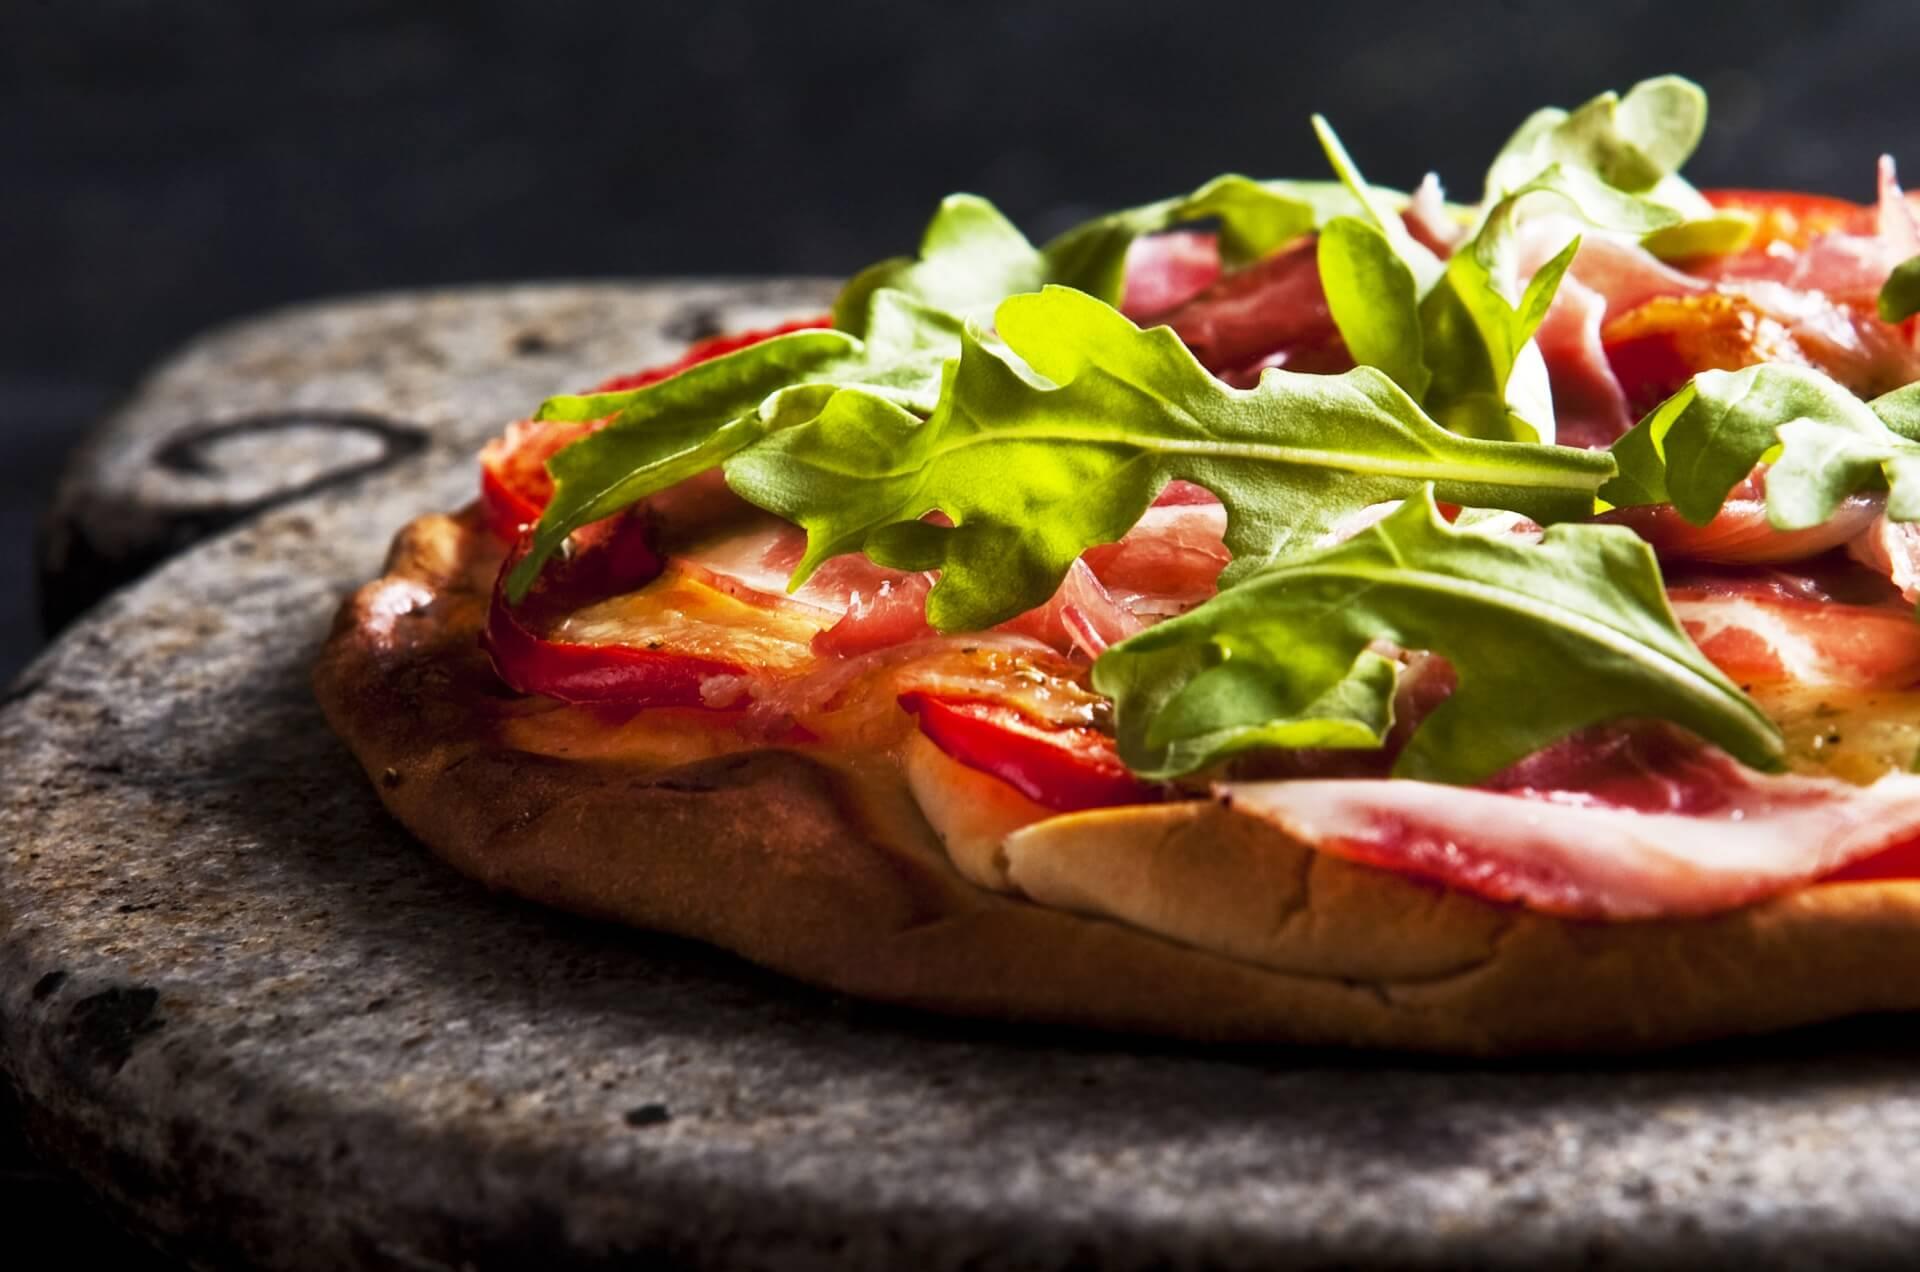 Pizza Longueuil livraison - Pizza Longueuil Delivery